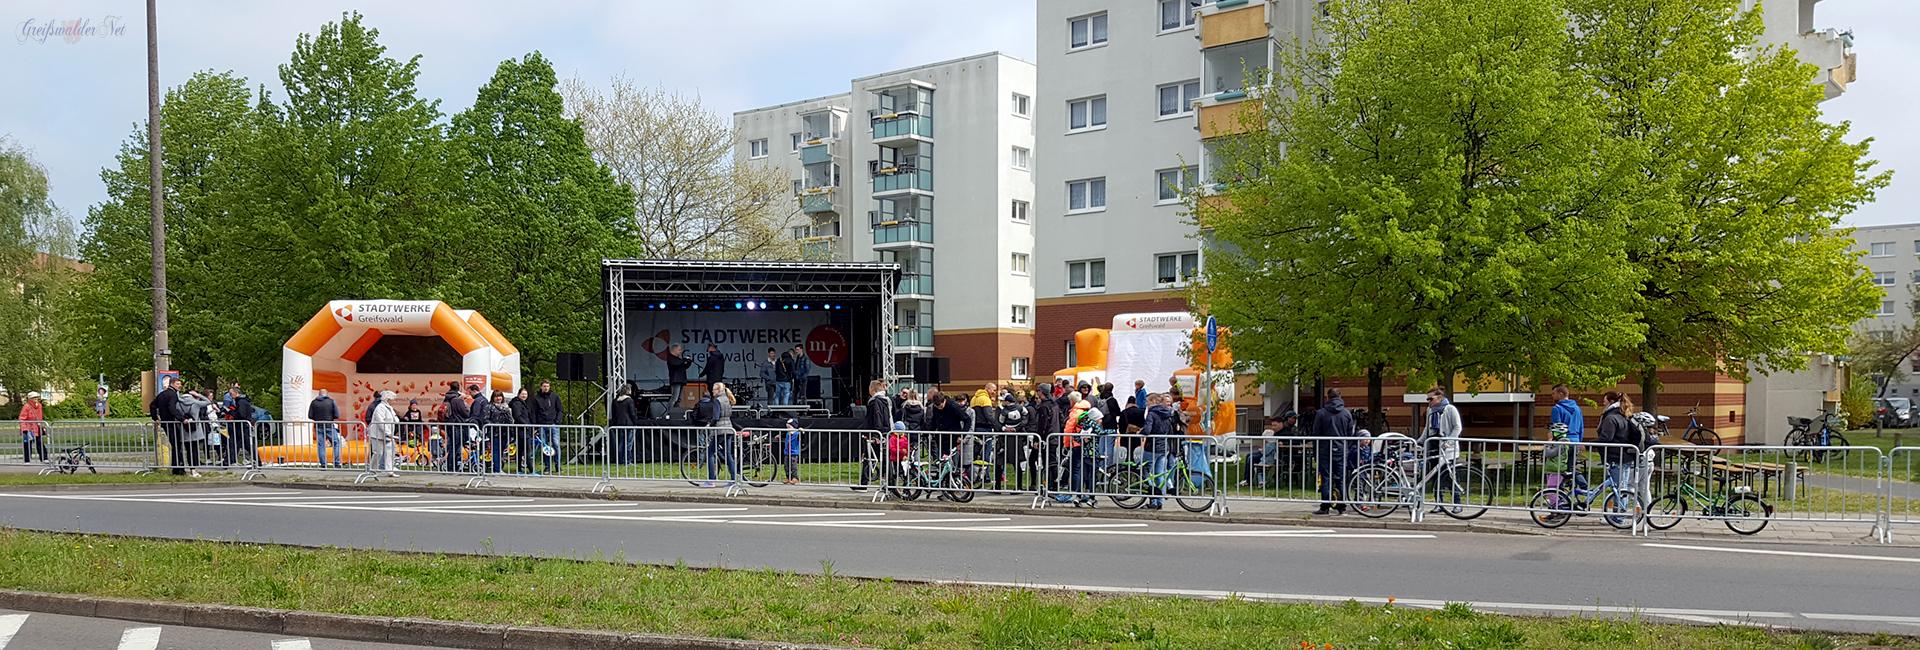 Stadtwerke-Fahrradfest 2019